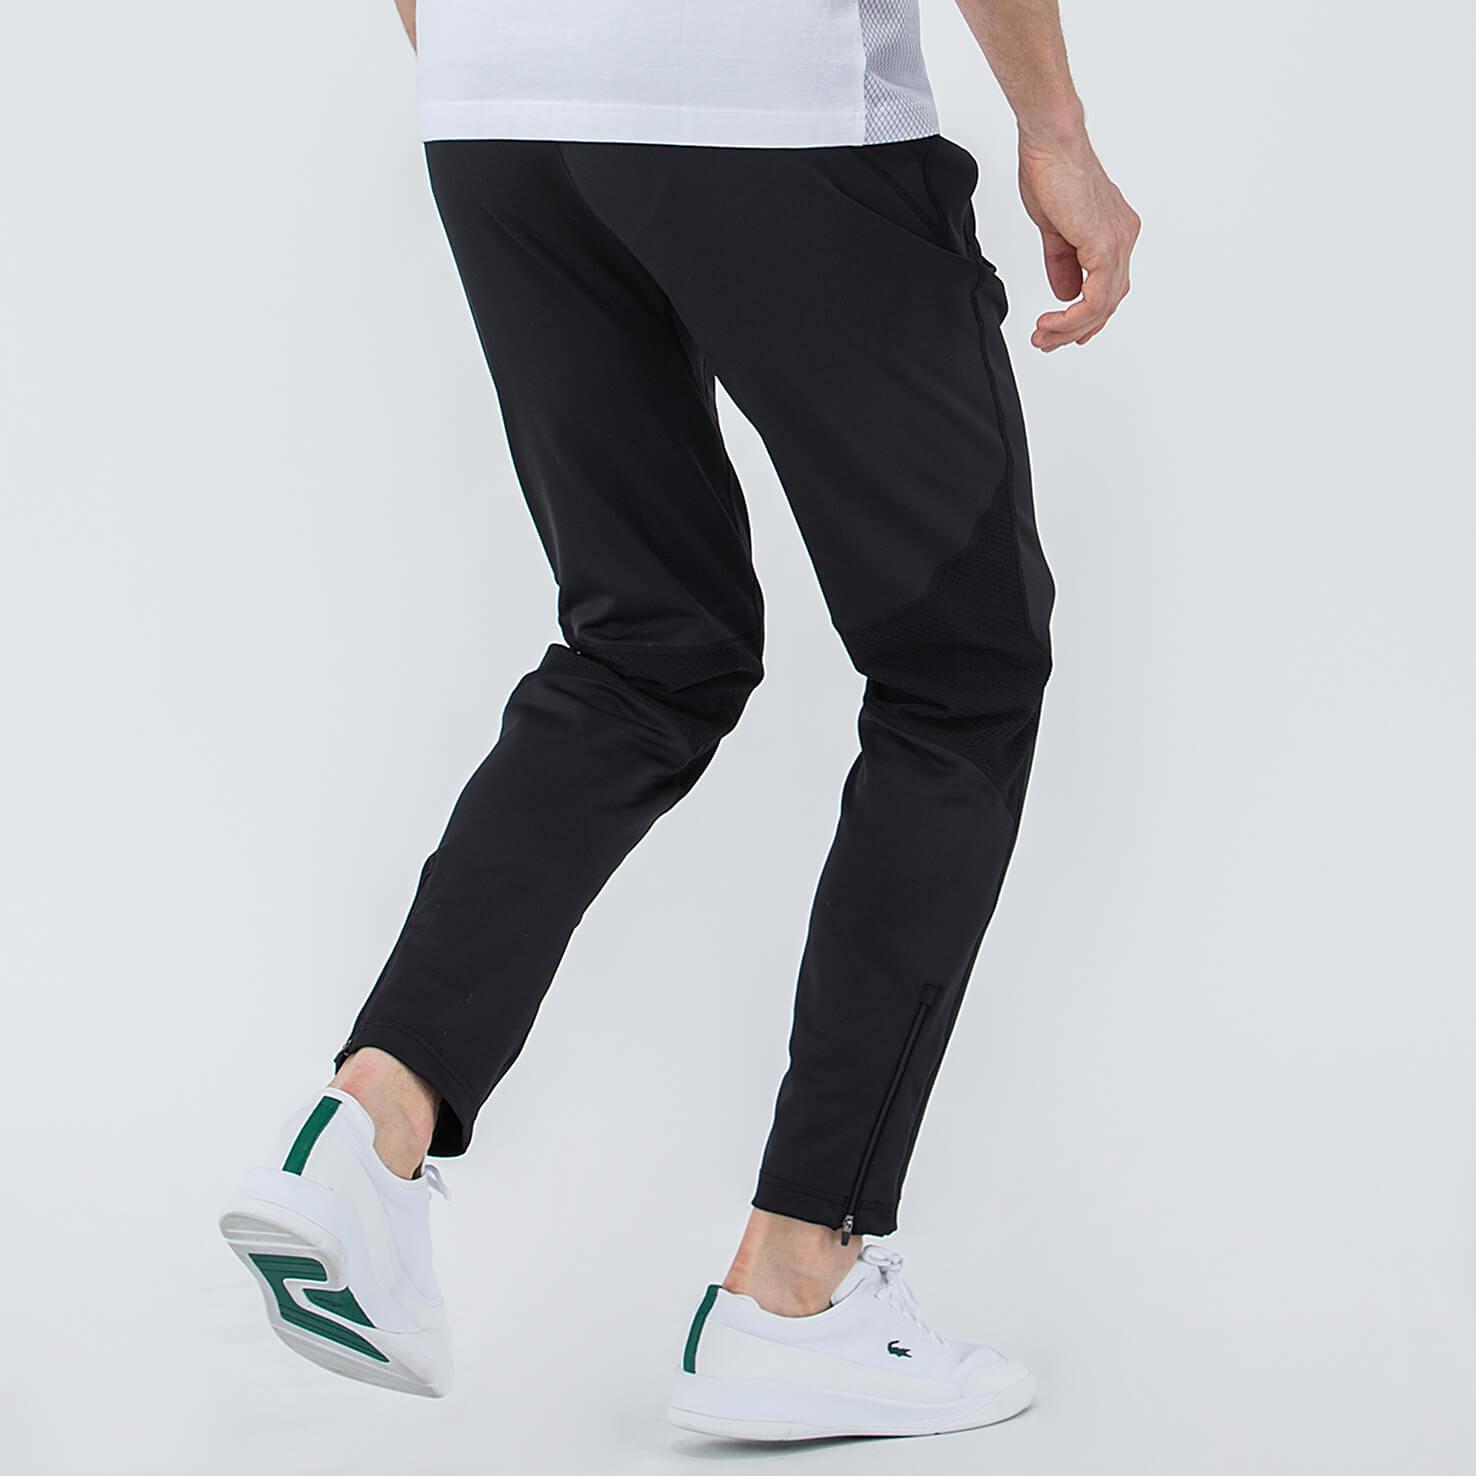 Фото 2 - Спортивные штаны Lacoste черного цвета